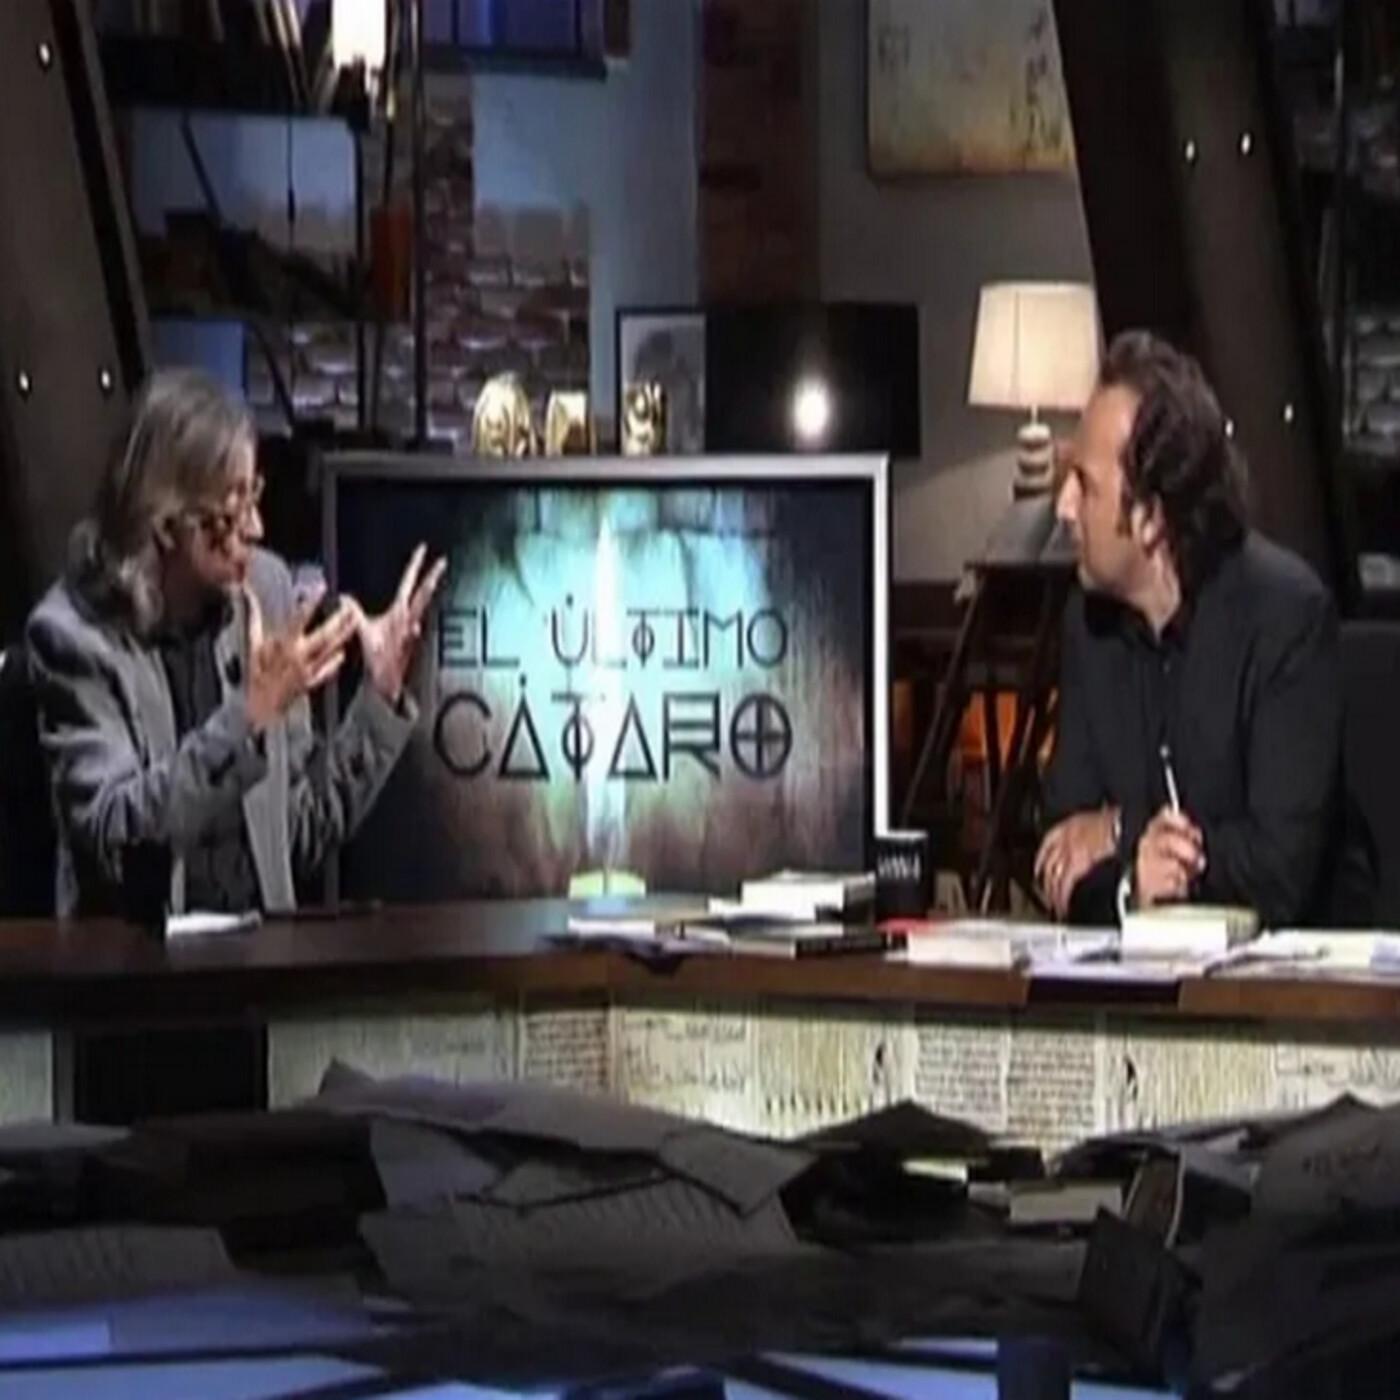 Cuarto Milenio: El último cátaro (2013)